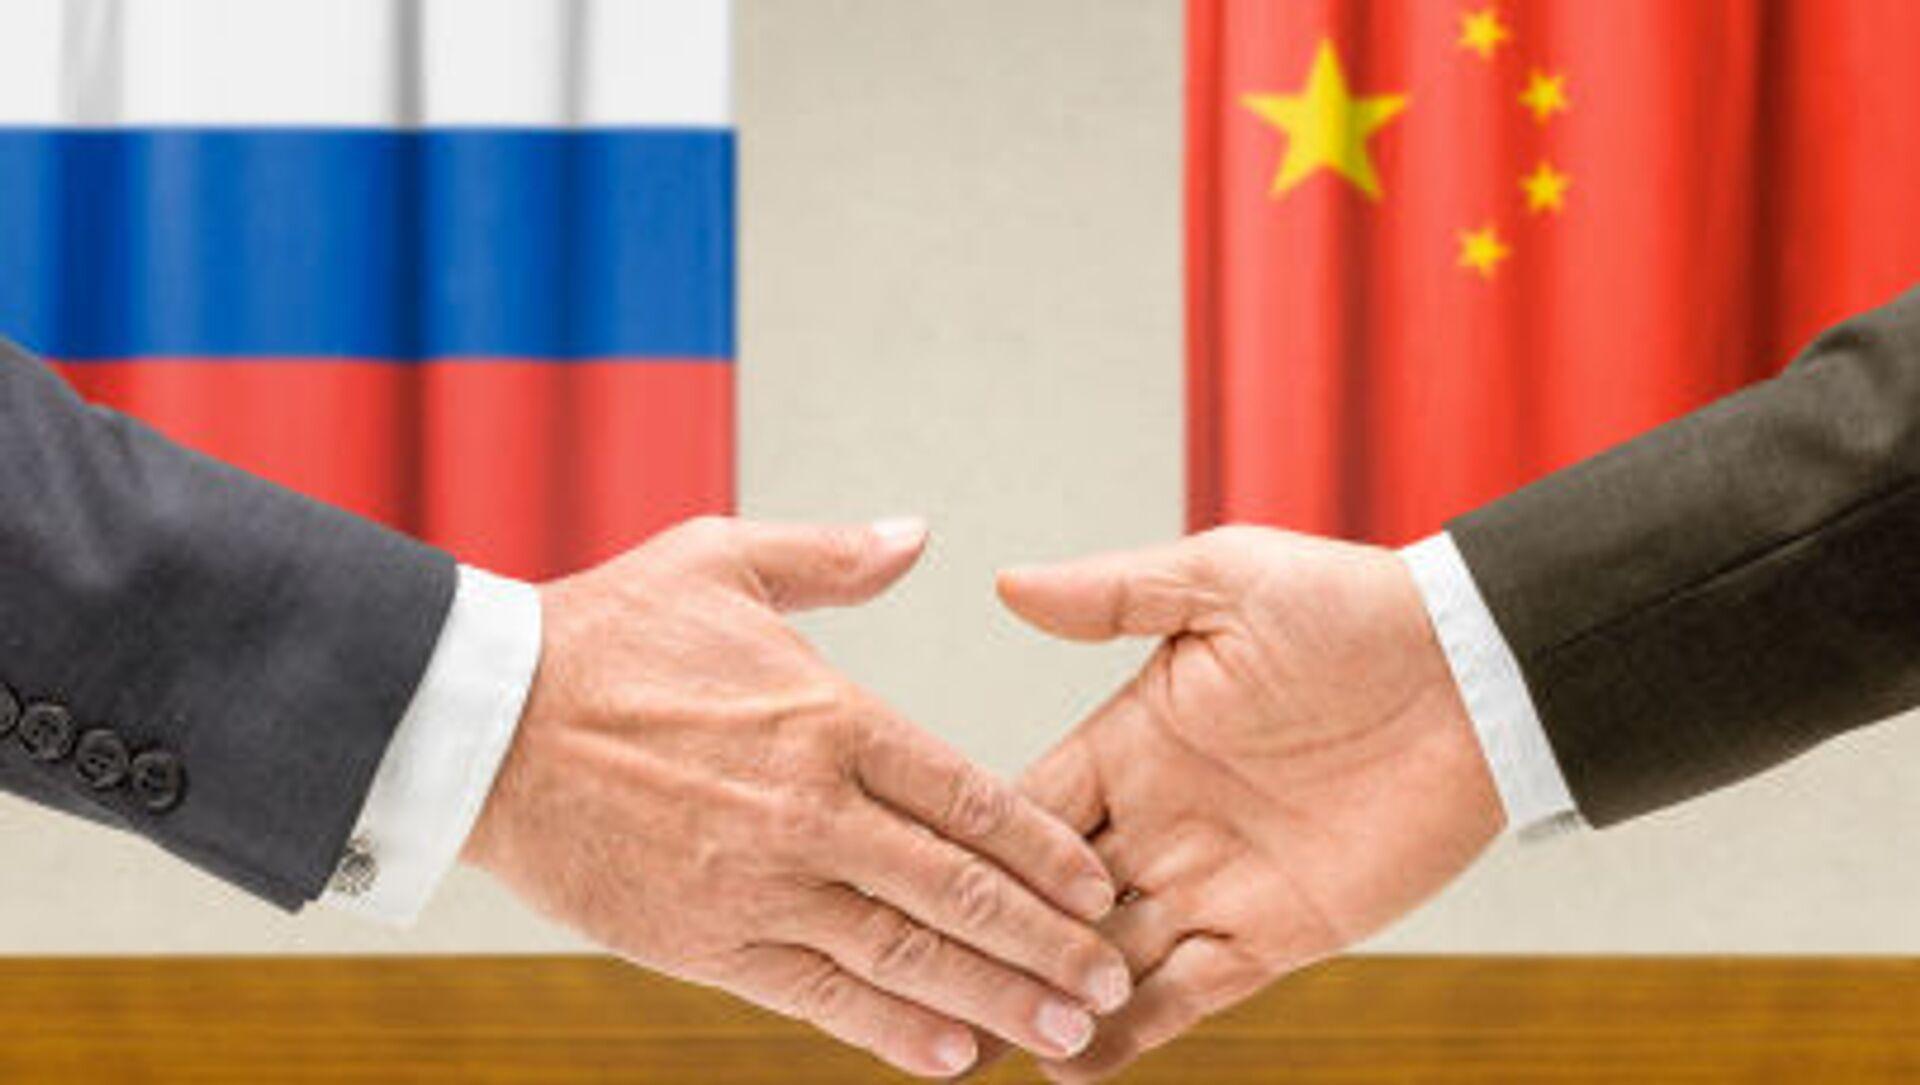 La cooperazione tra Cina e Russia - Sputnik Italia, 1920, 22.04.2021